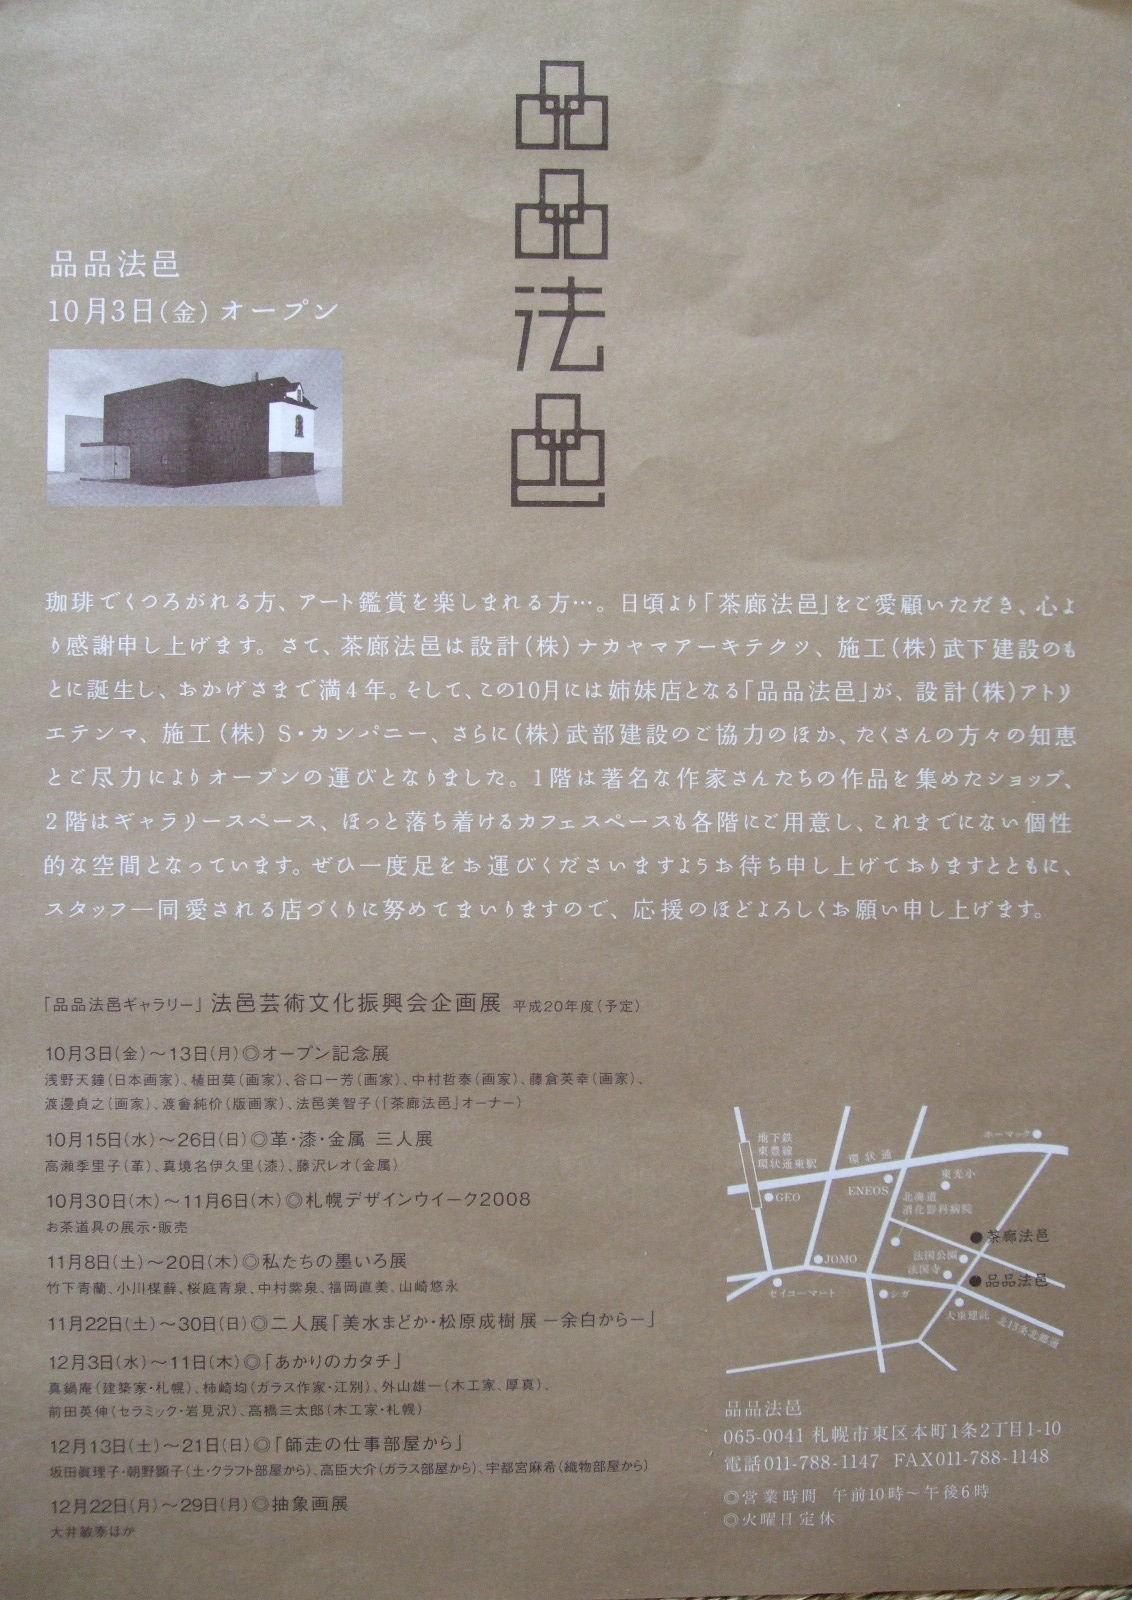 839)  新オープン、品品法邑の簡単な紹介_f0126829_148632.jpg